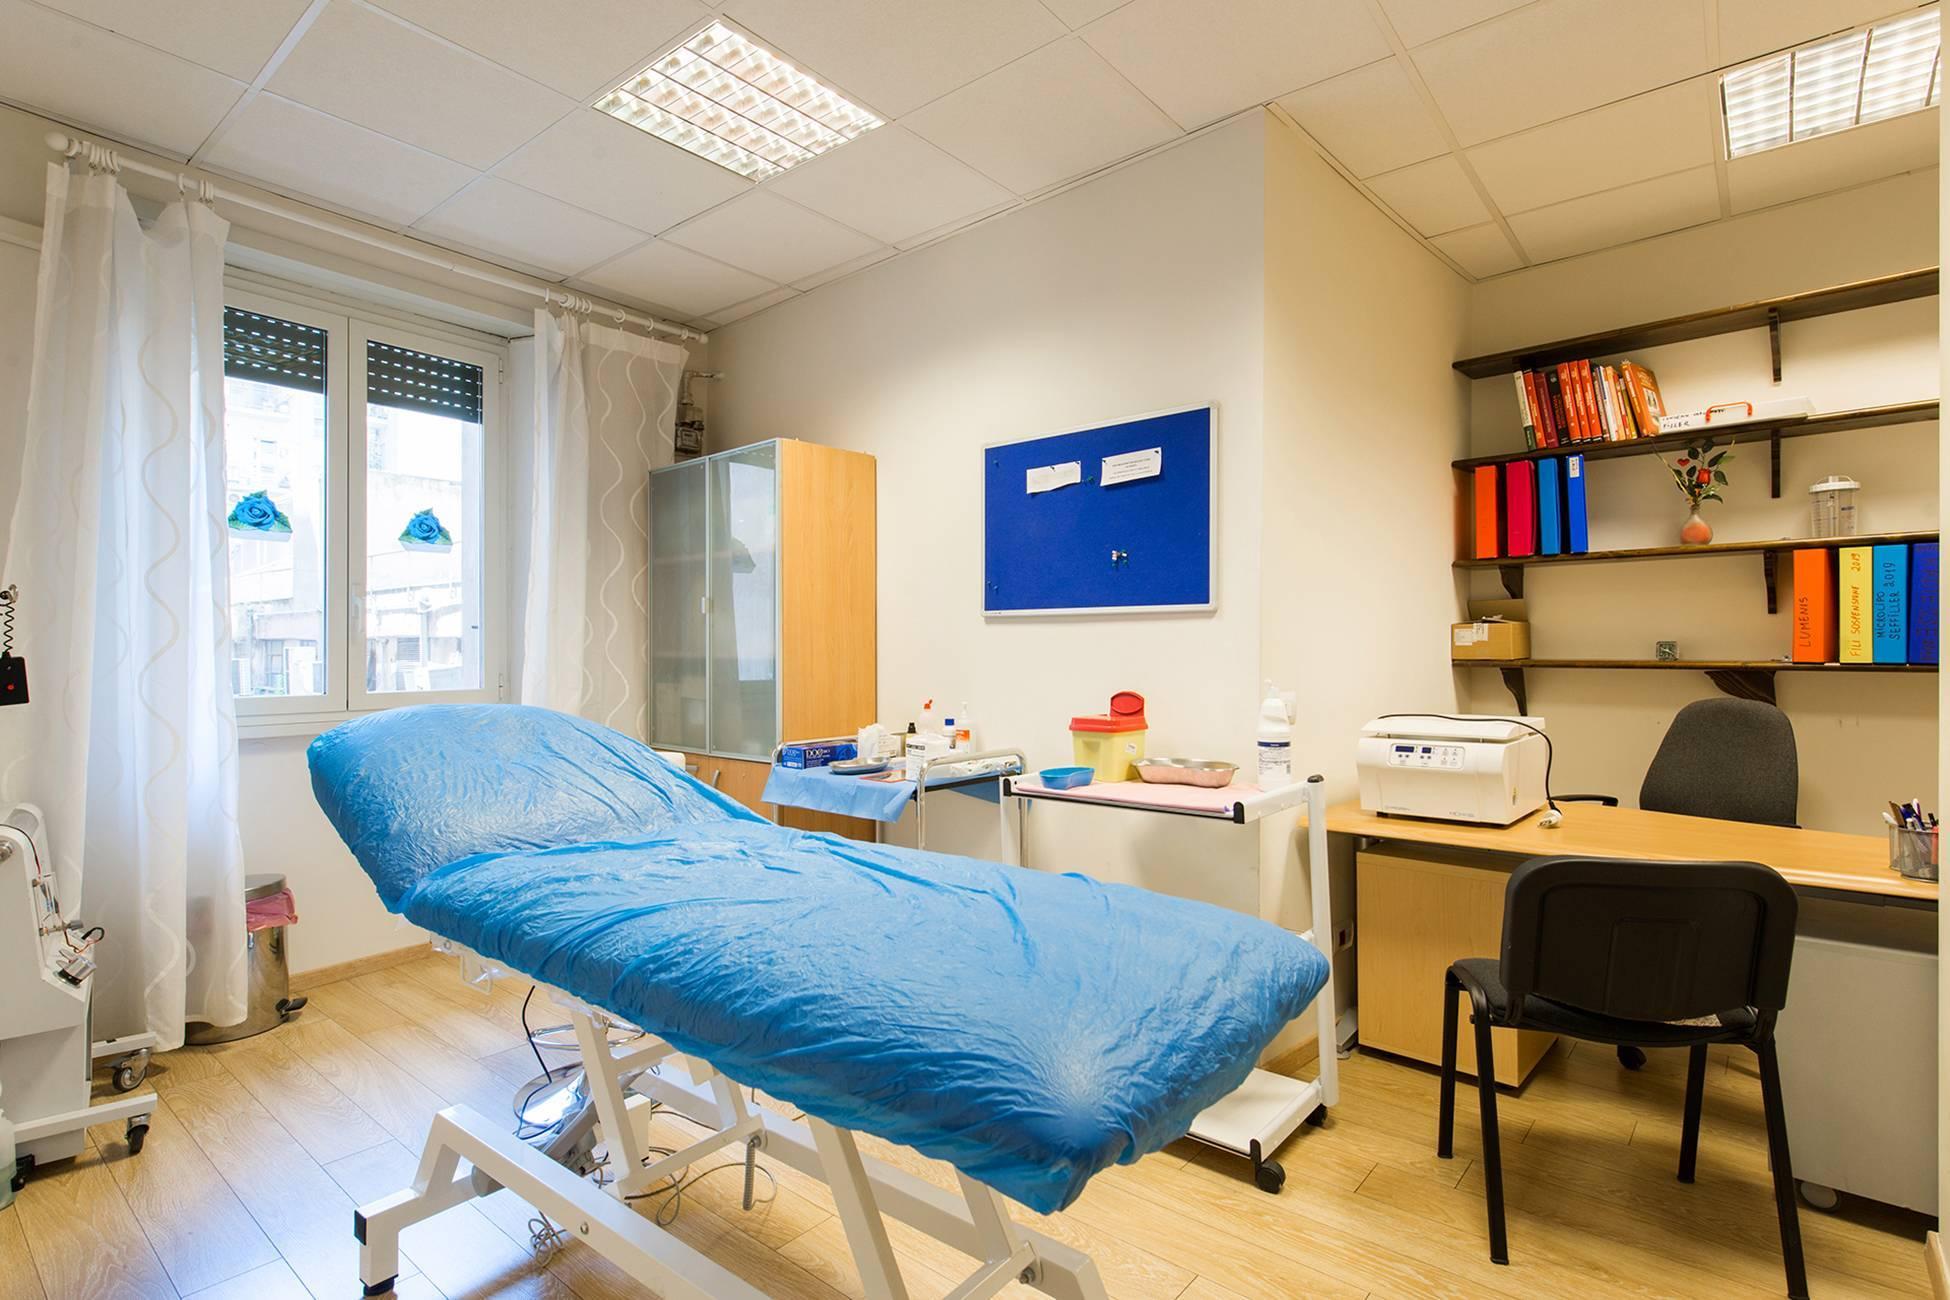 Medicina_Estetica_Moderna_Dr_Marco_Mannucci_ITLA_328156_4_2